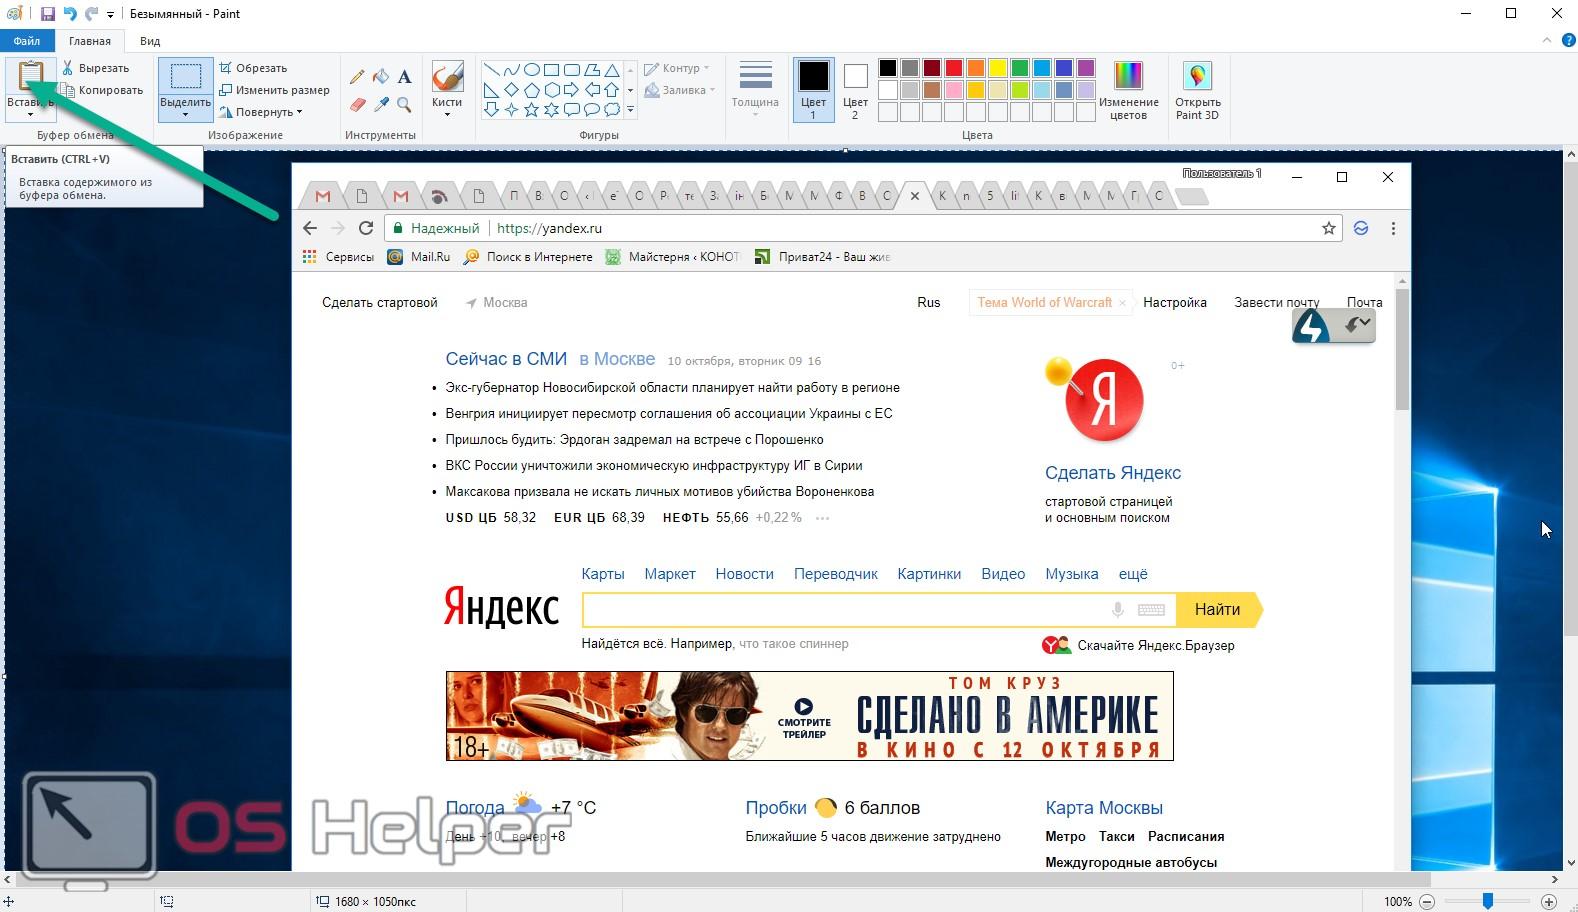 Как задать яндекс браузер по умолчанию: инструкция 90